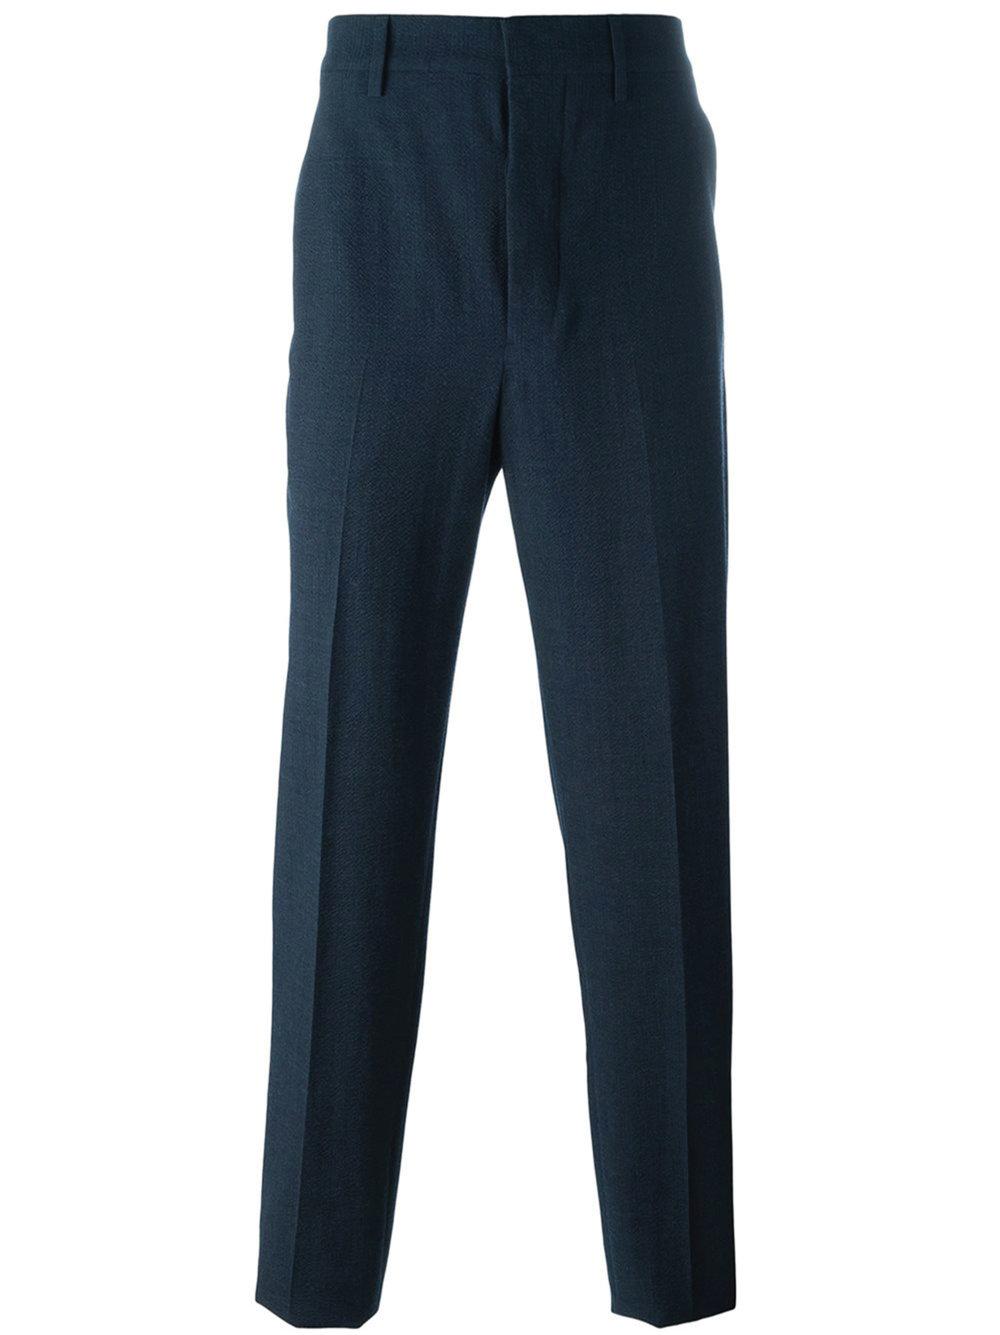 5.Lemaire 褲子 $758, farfetch.ca